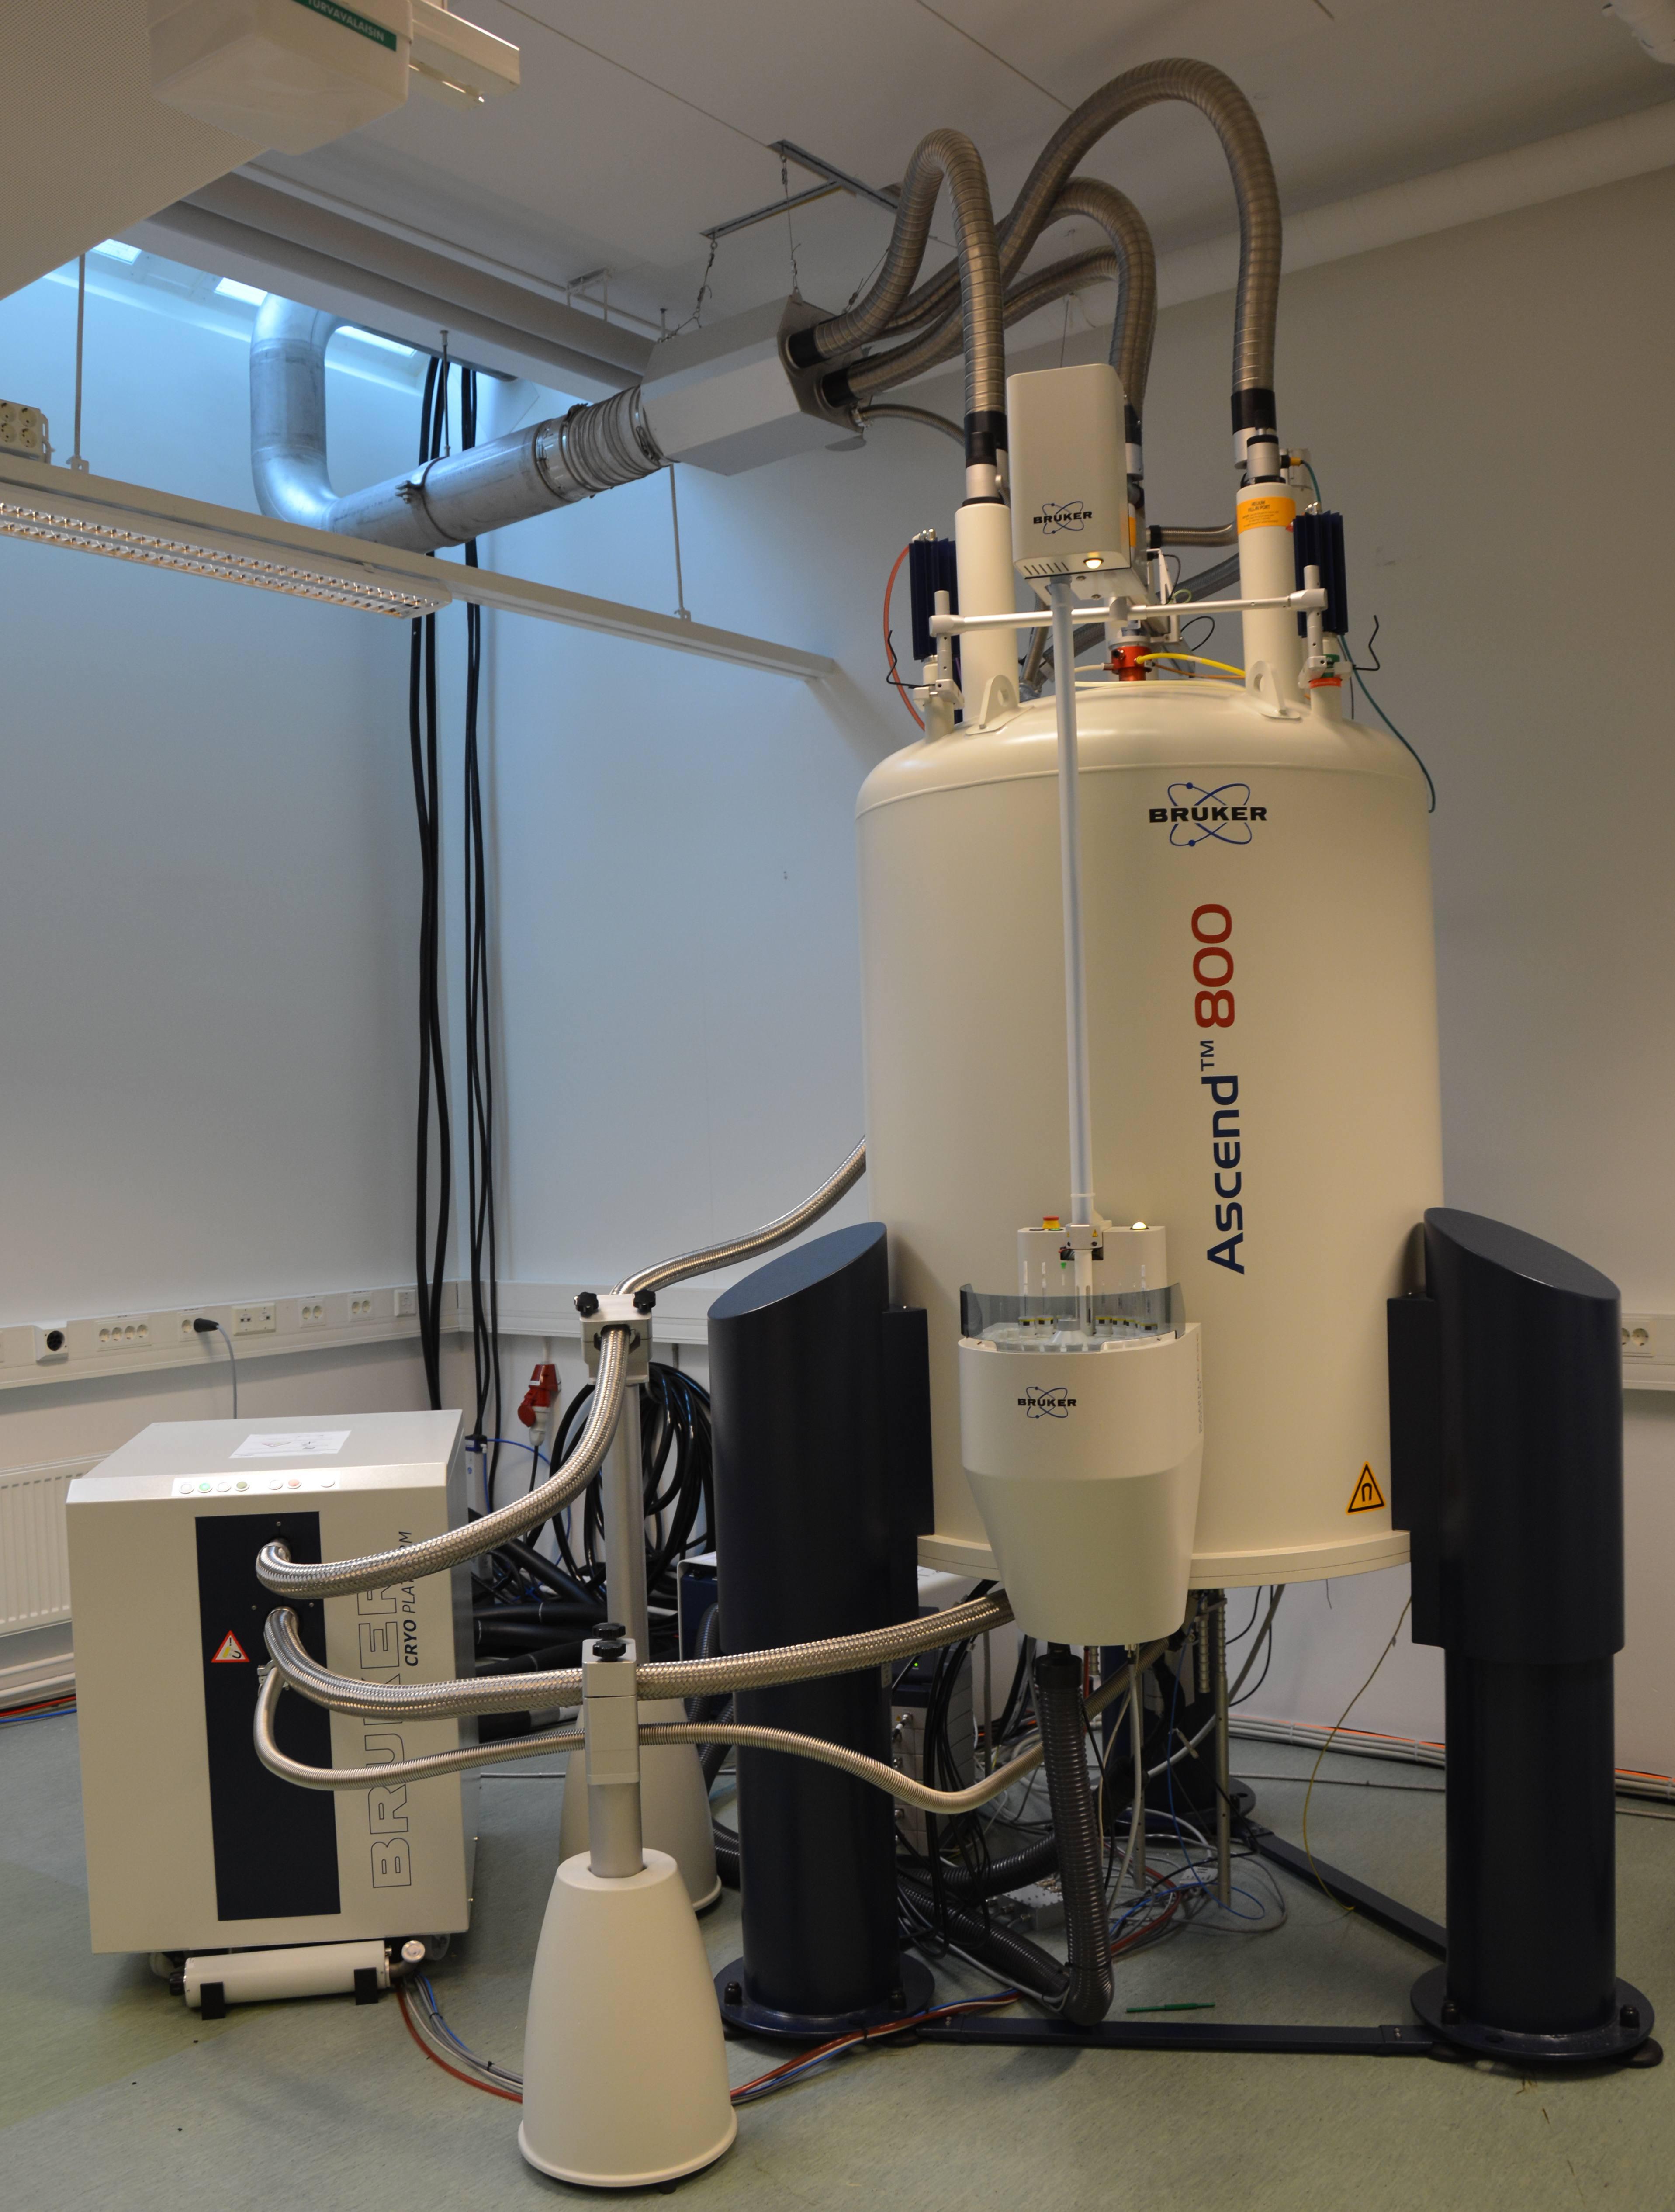 Bruker Avance Iii Hd 800 Nanoscience Center